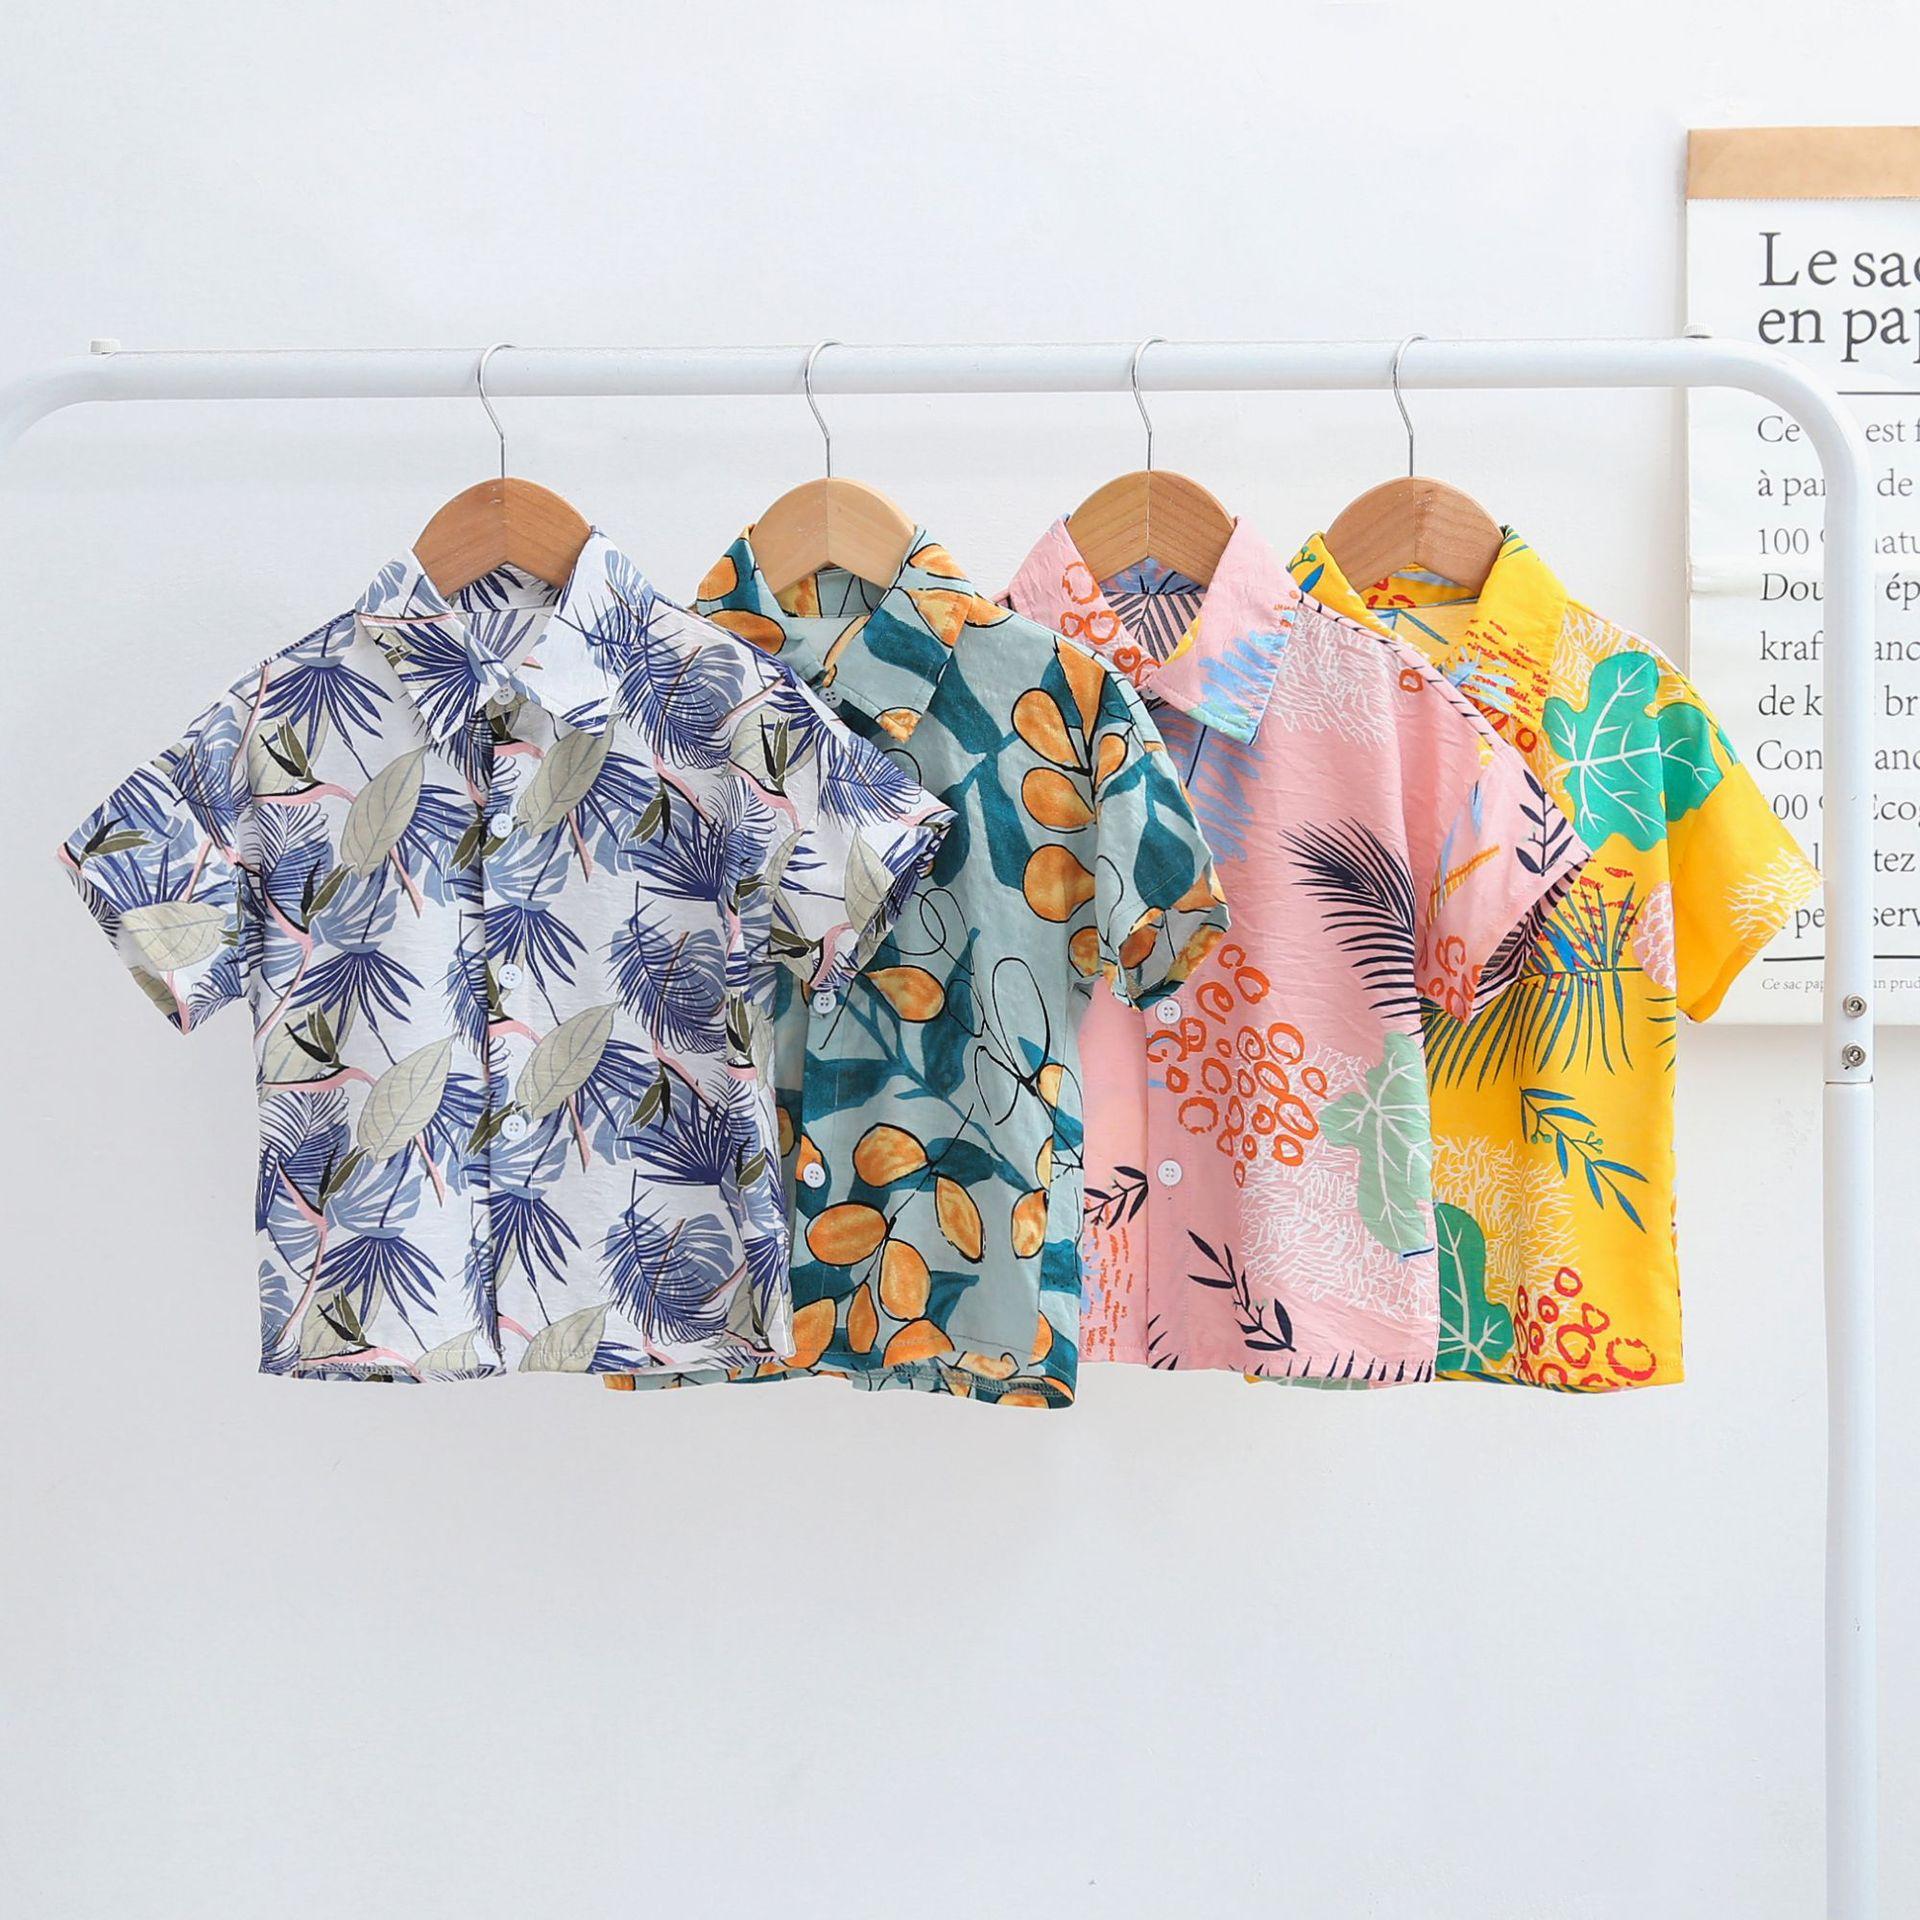 Áo Sơ-mi trẻ em Mùa hè 2019 áo trẻ em mới trong áo trẻ em Hàn Quốc nam kho báu áo sơ mi ngắn tay hoa